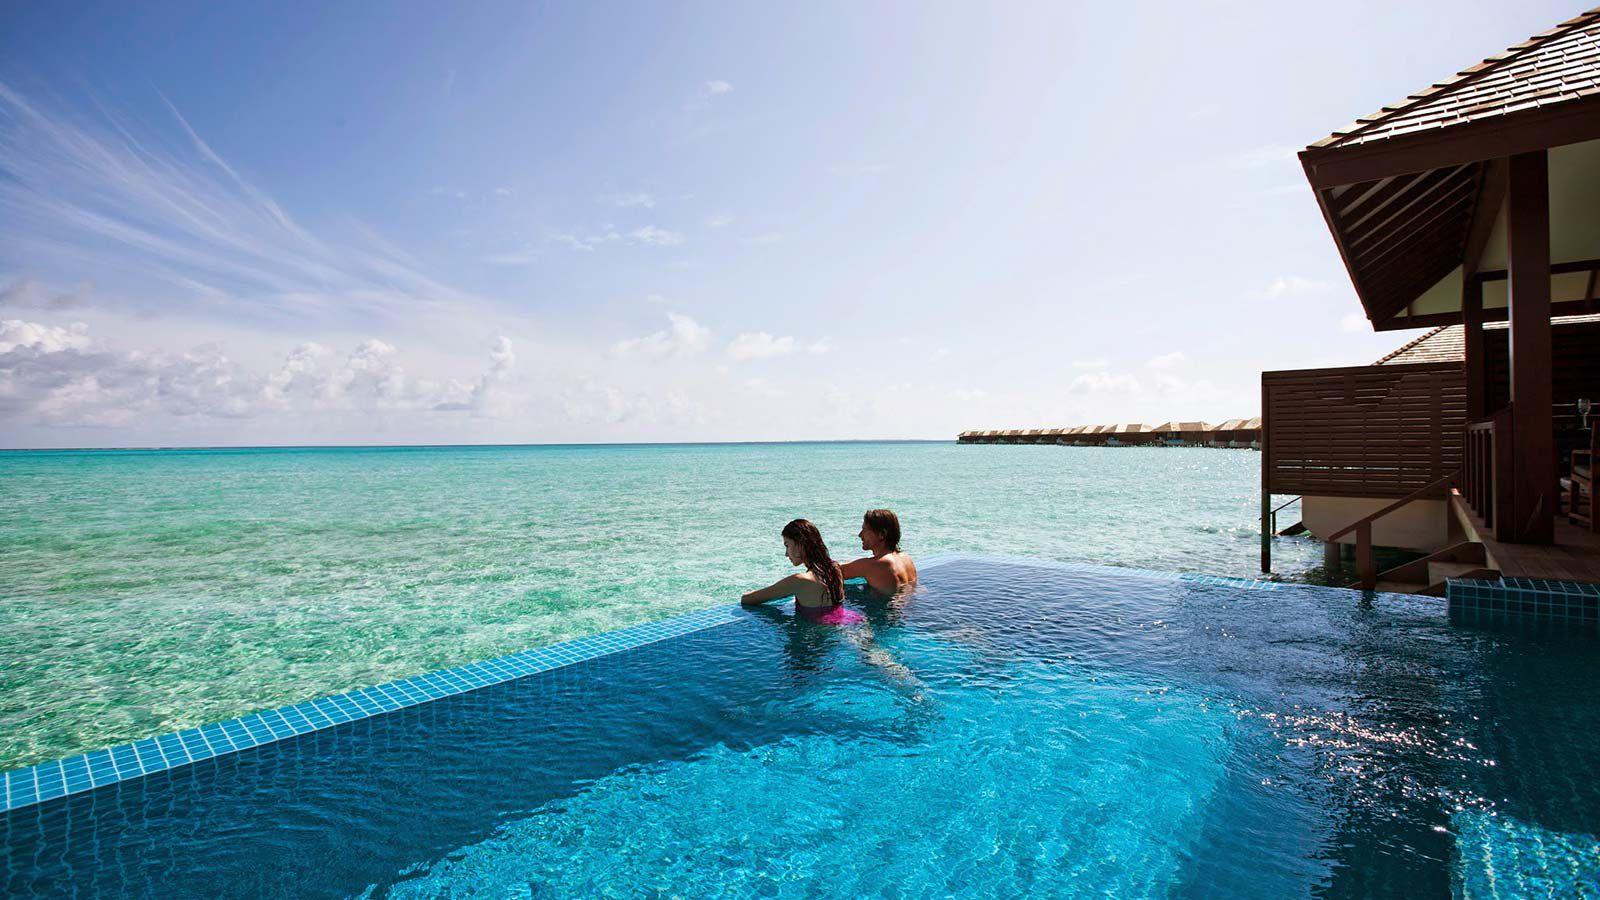 Maldives Deluxe Water Villa - Luxury Pool Villas Maldives